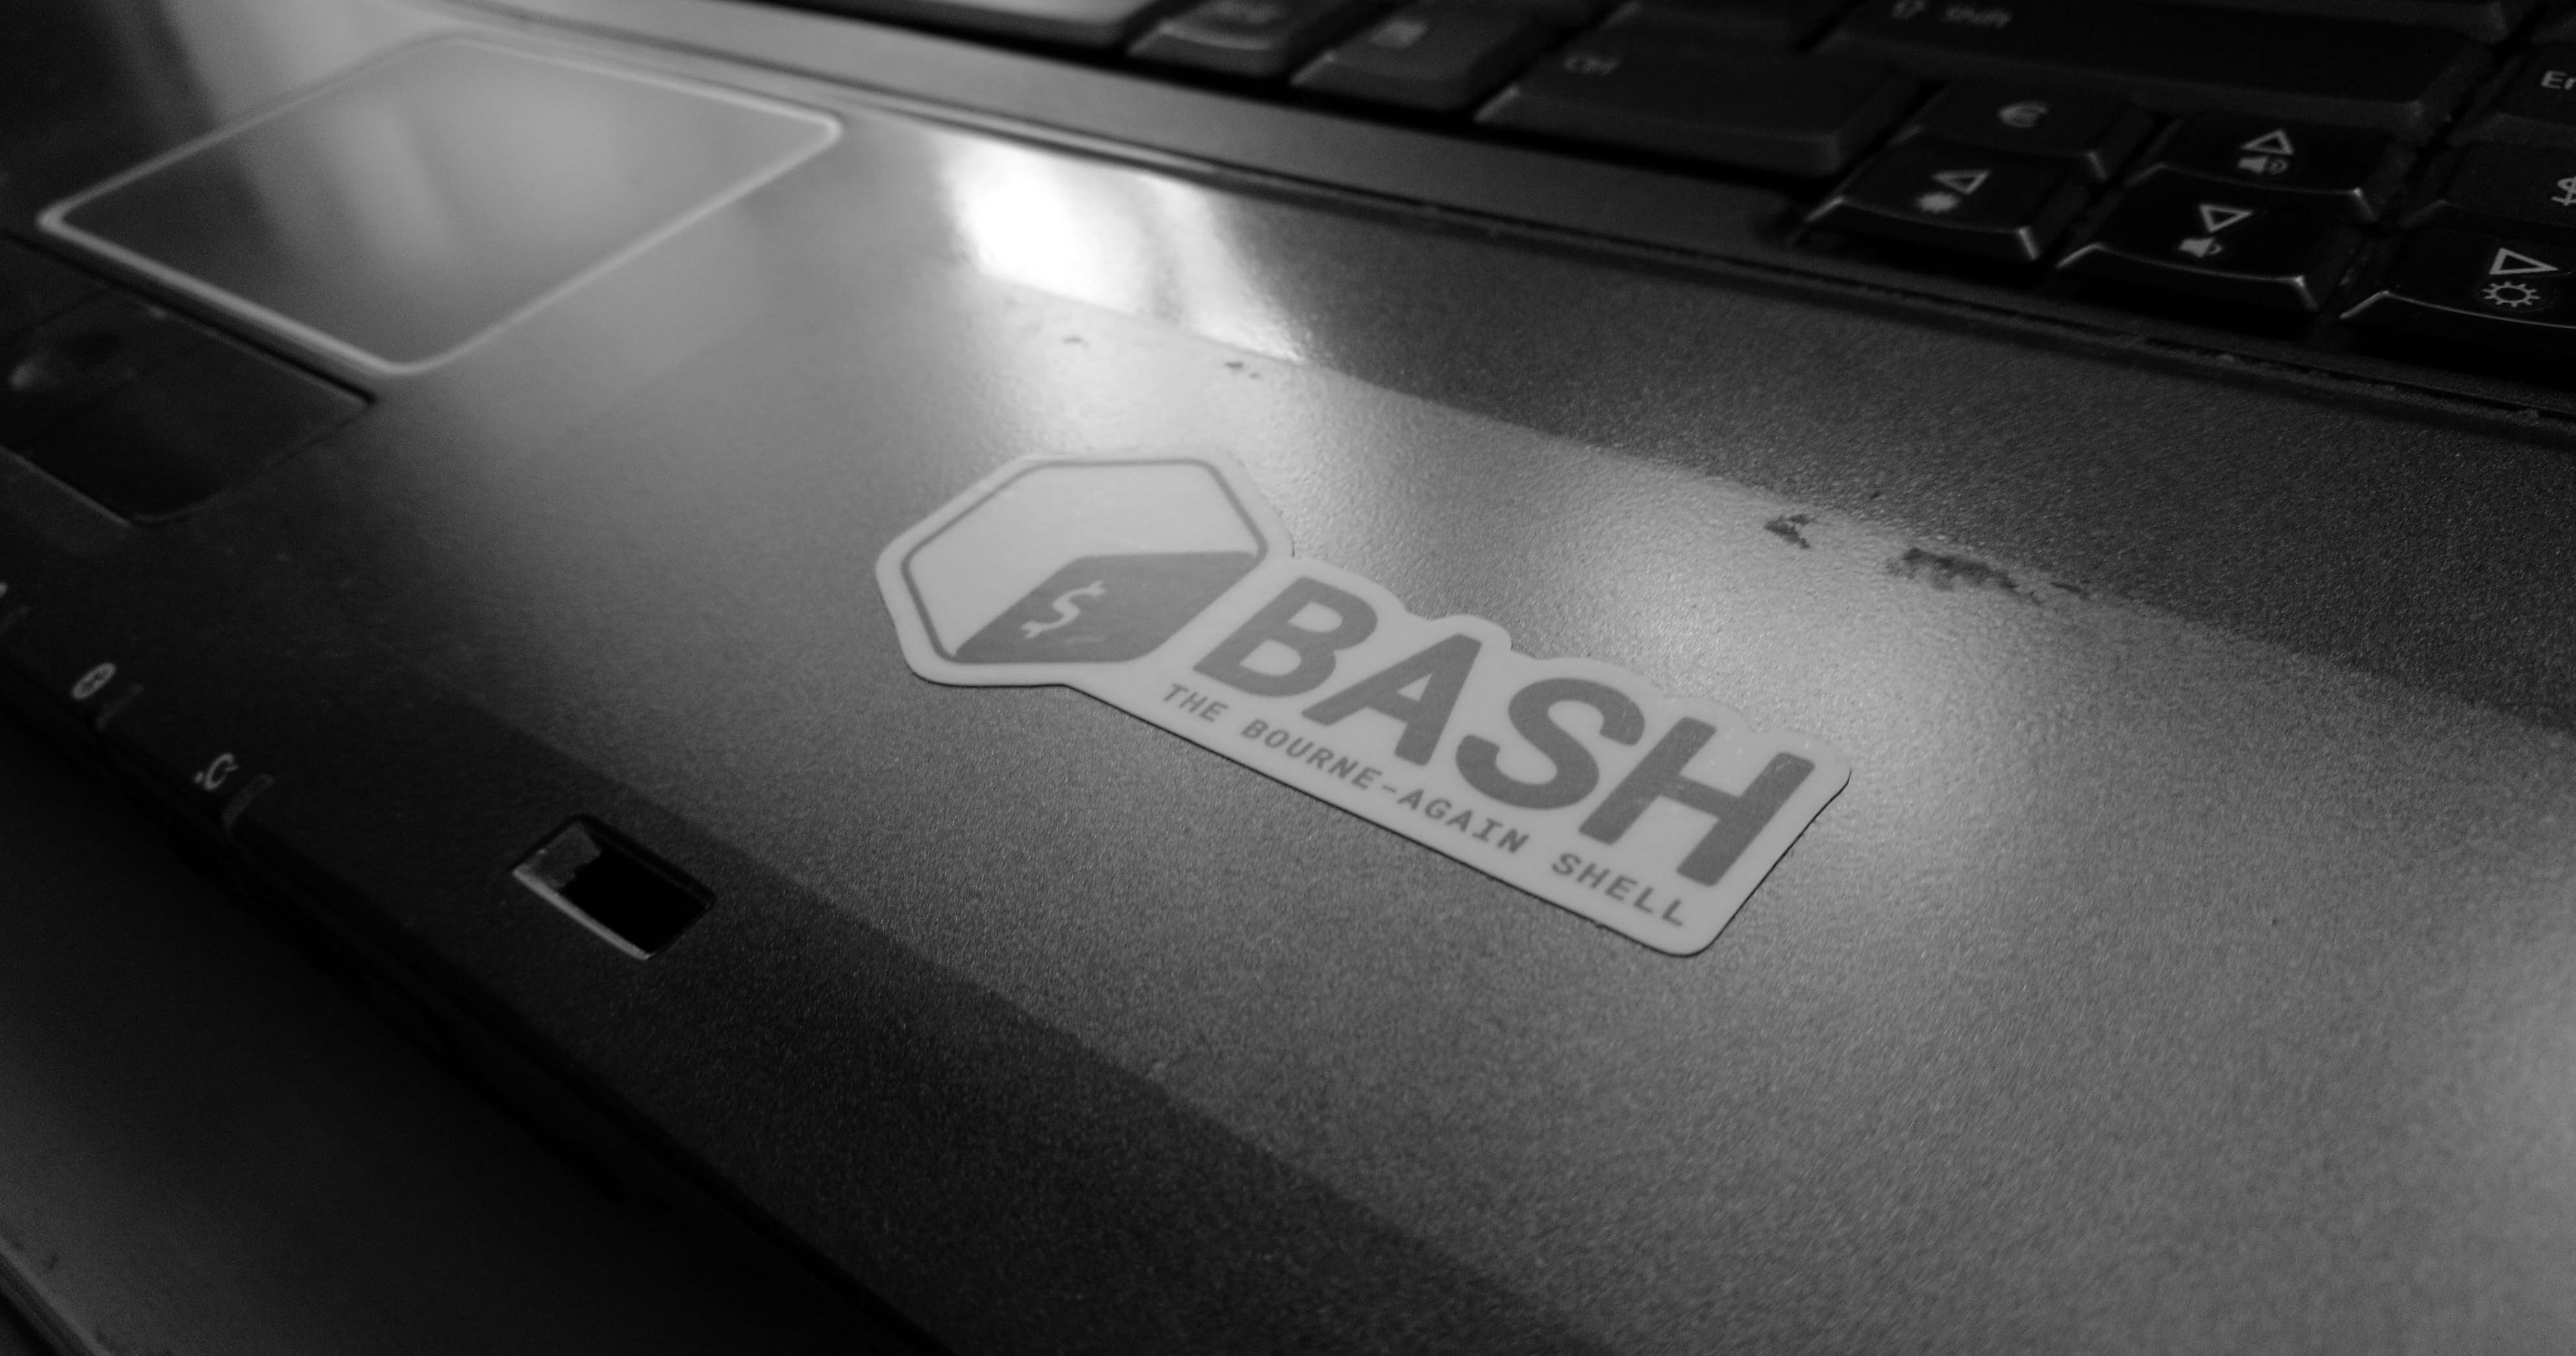 Tabletowo.pl Niewielkim kosztem ulepszamy starego laptopa - co zrobić, by uzyskać żądany efekt i nie wydać majątku? Acer Felietony Linux Porady Ubuntu